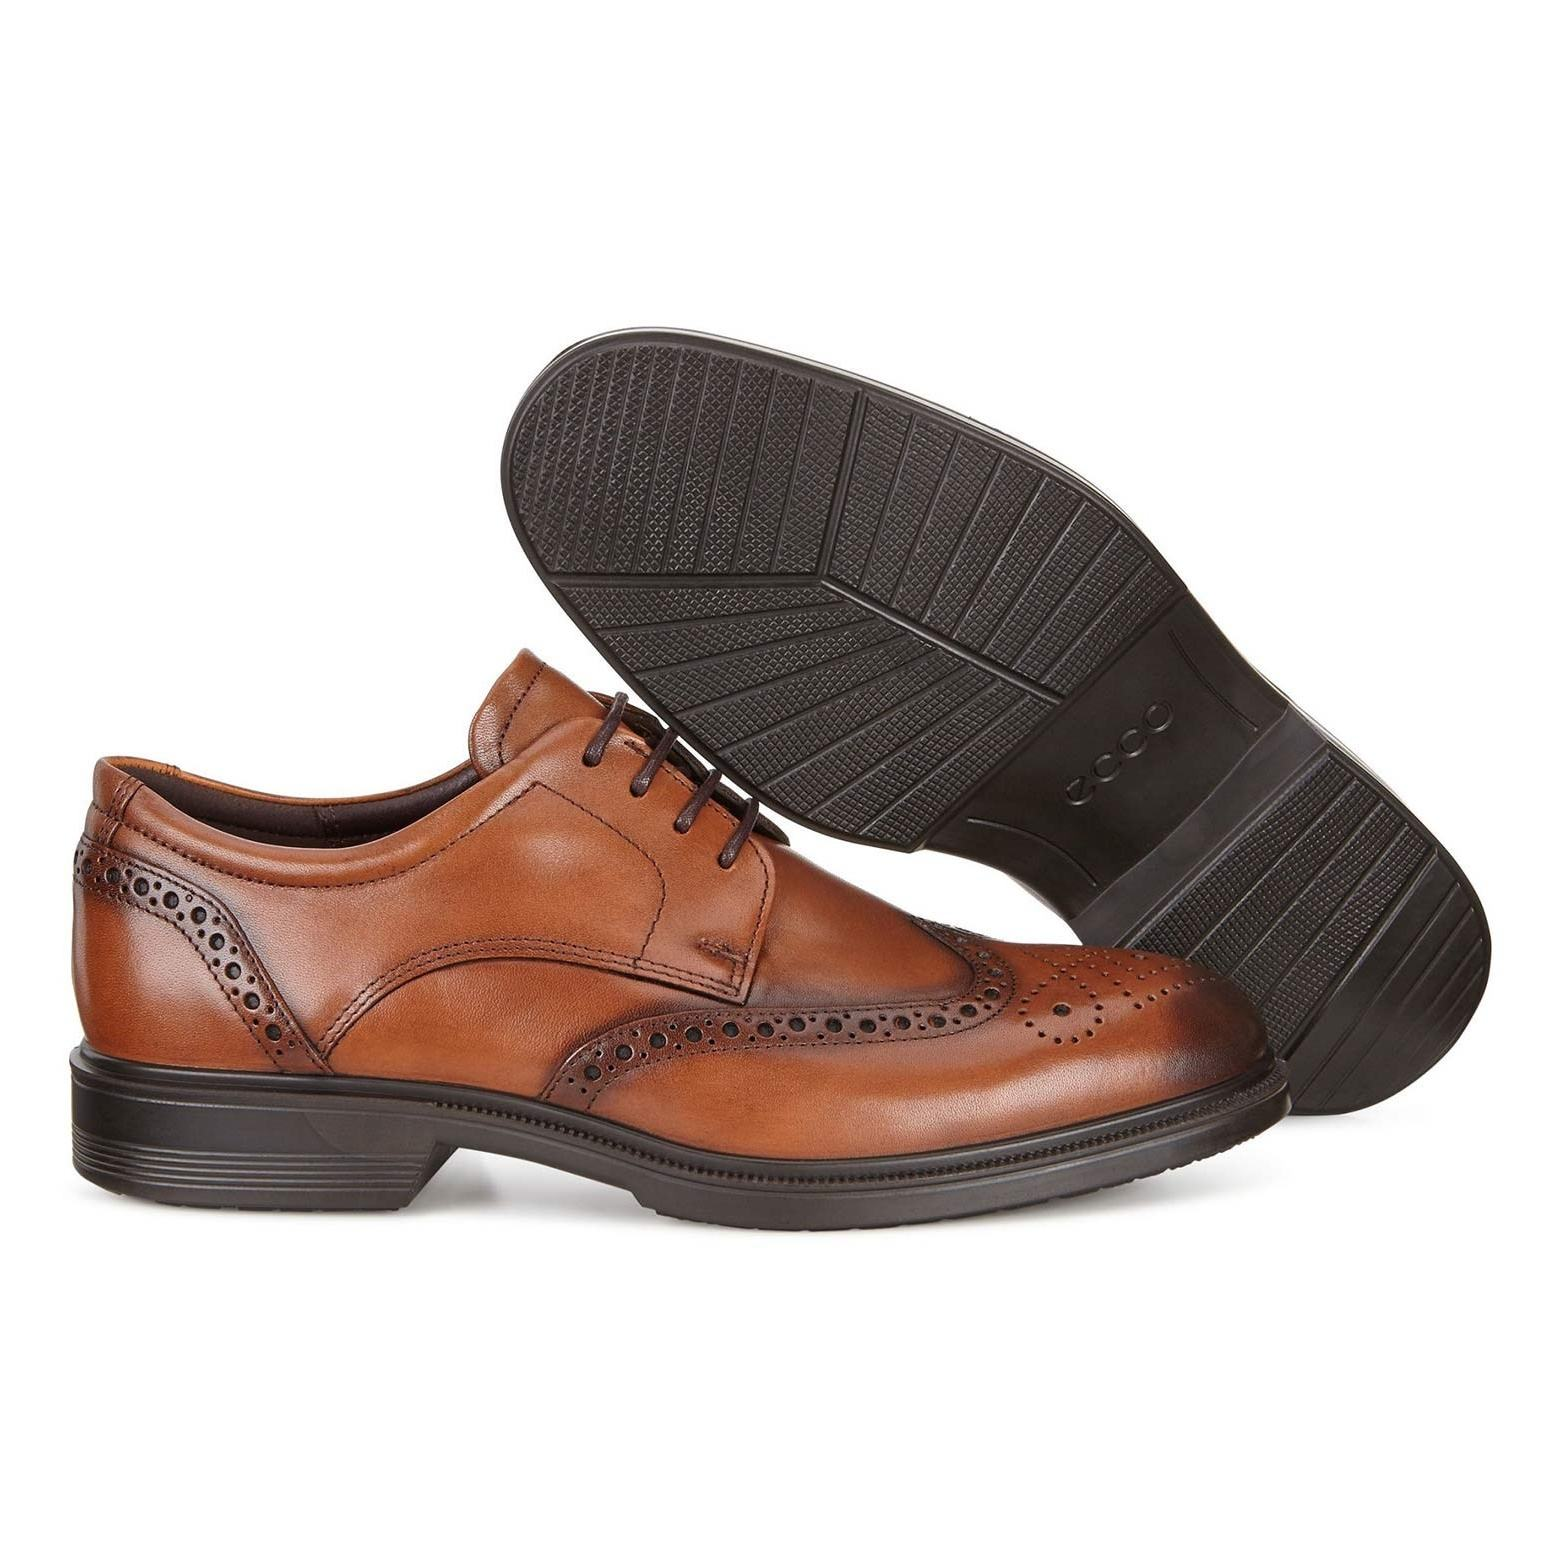 کفش رسمی چرم مردانه Lisbon - اکو - قهوه اي  - 4